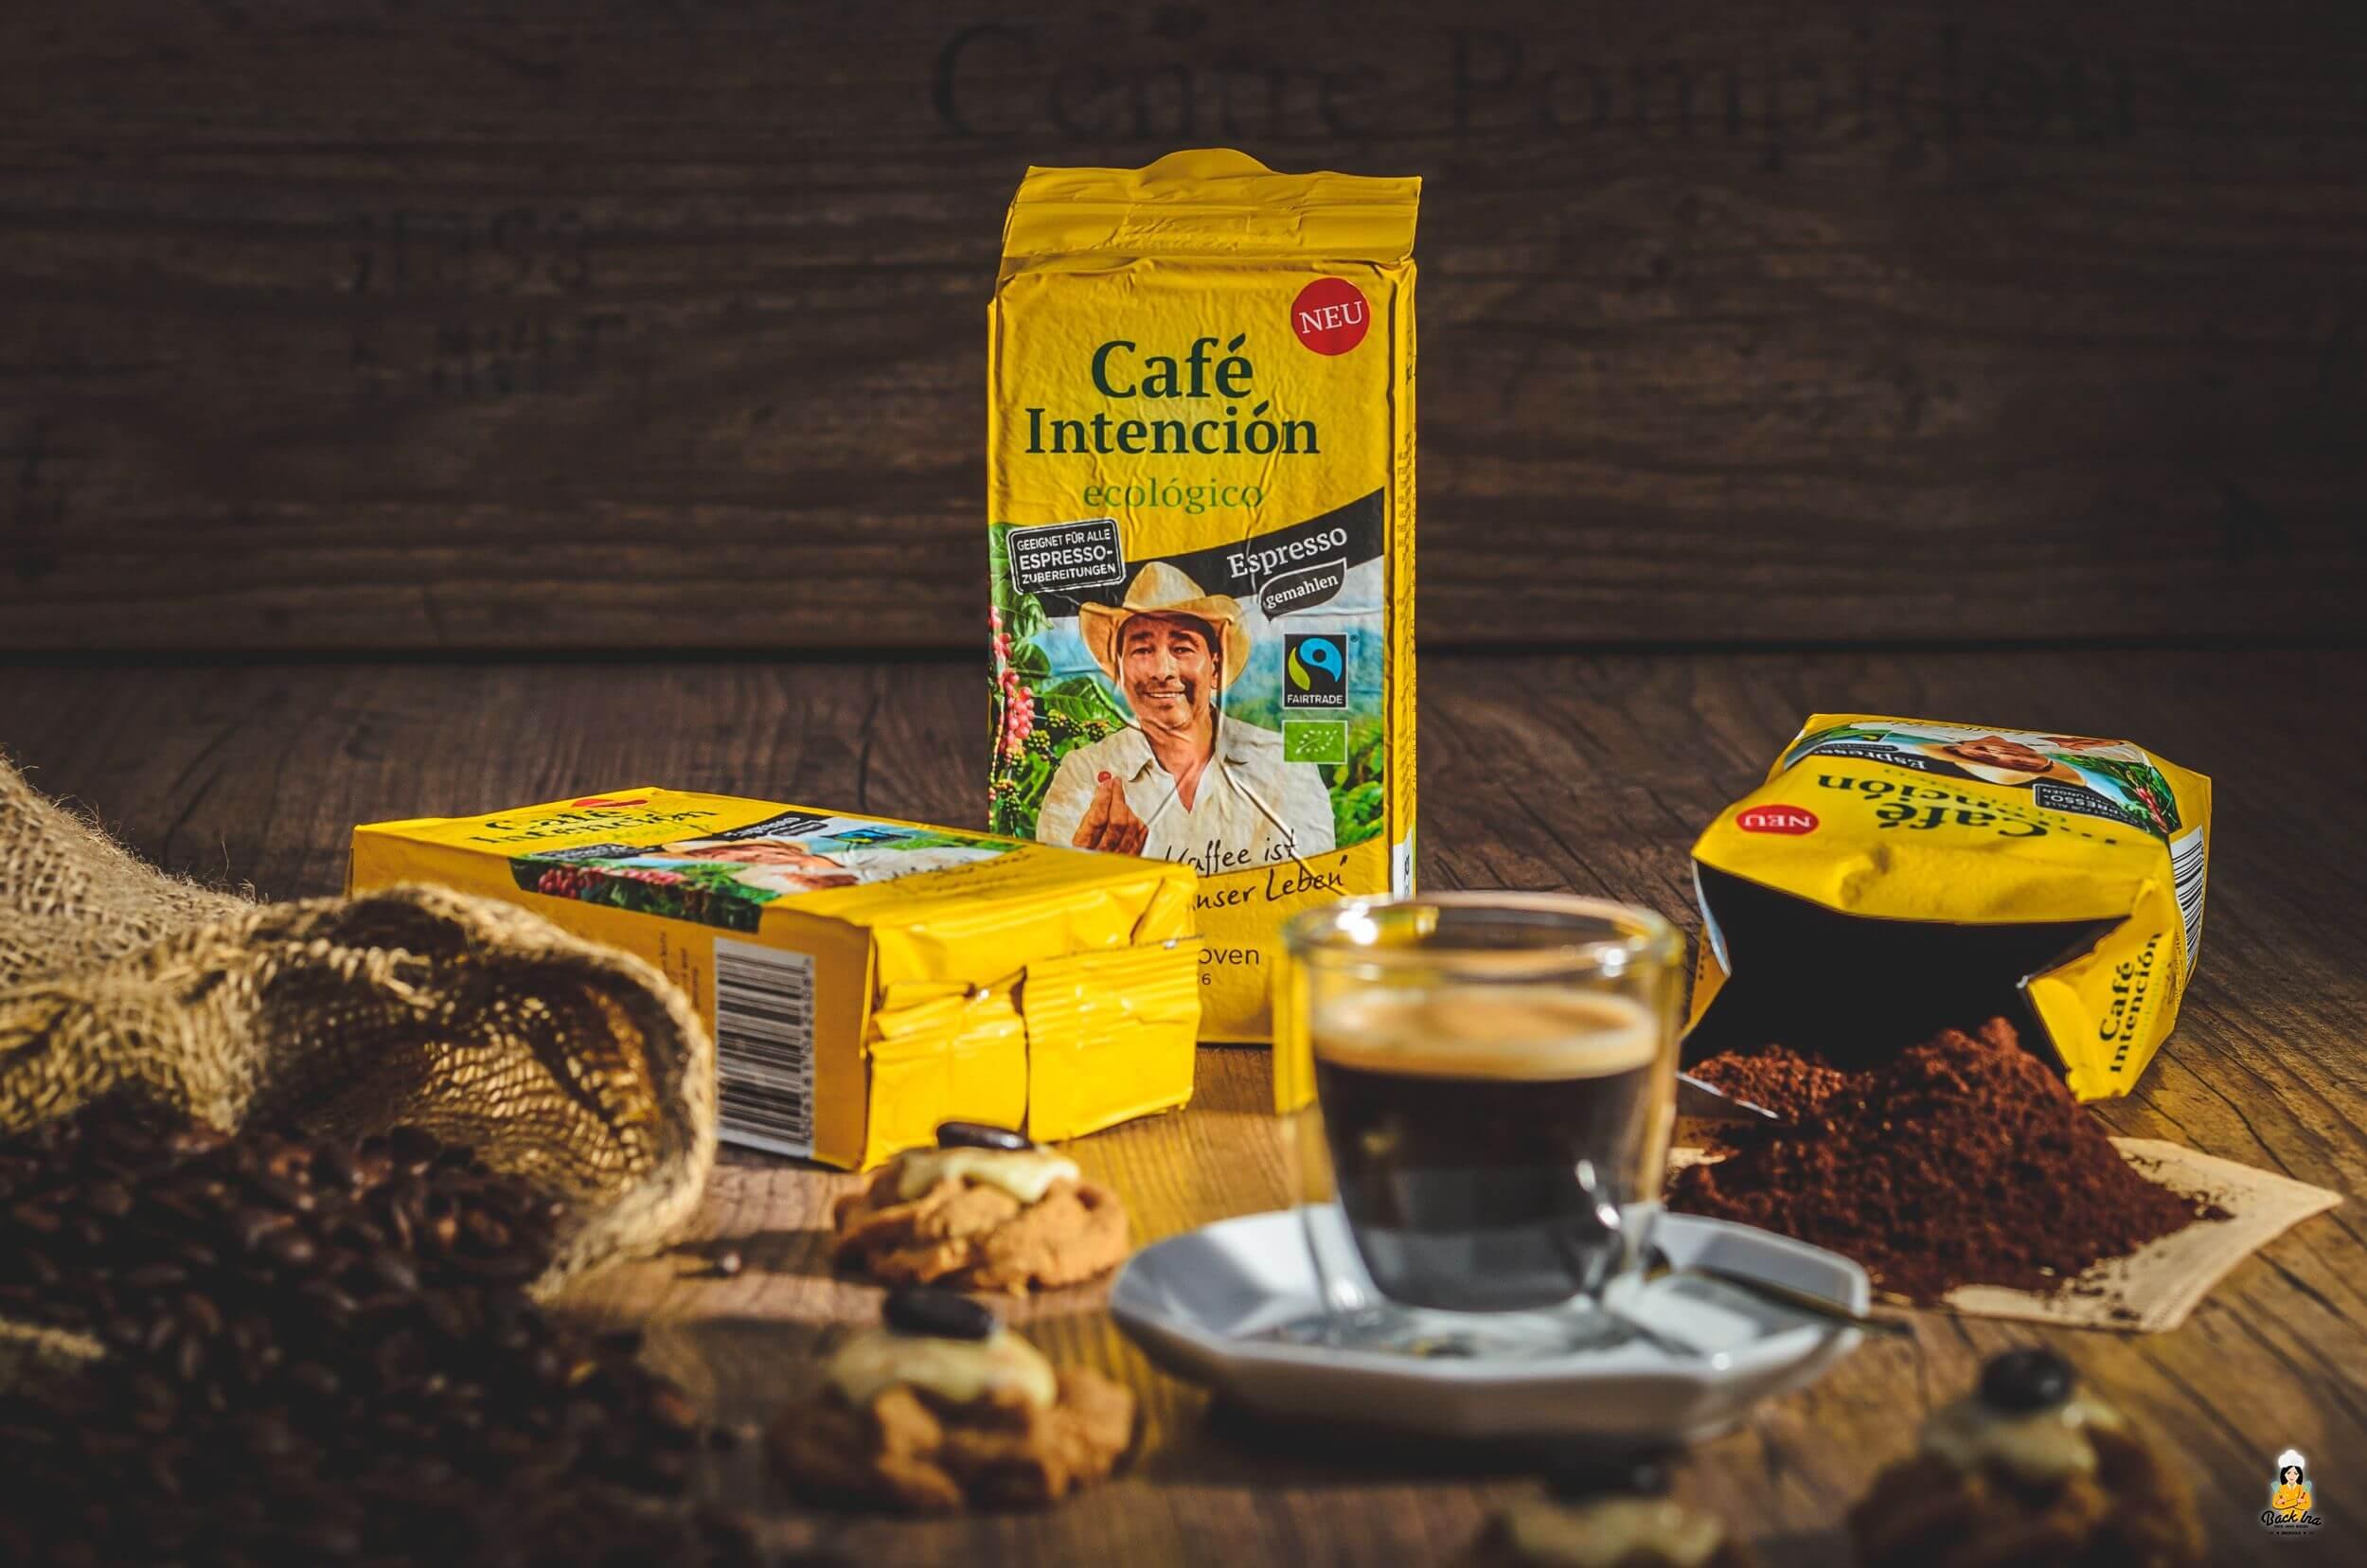 Café Intención und Kaffee-Spritzgebäck als Beilage zum Kaffee